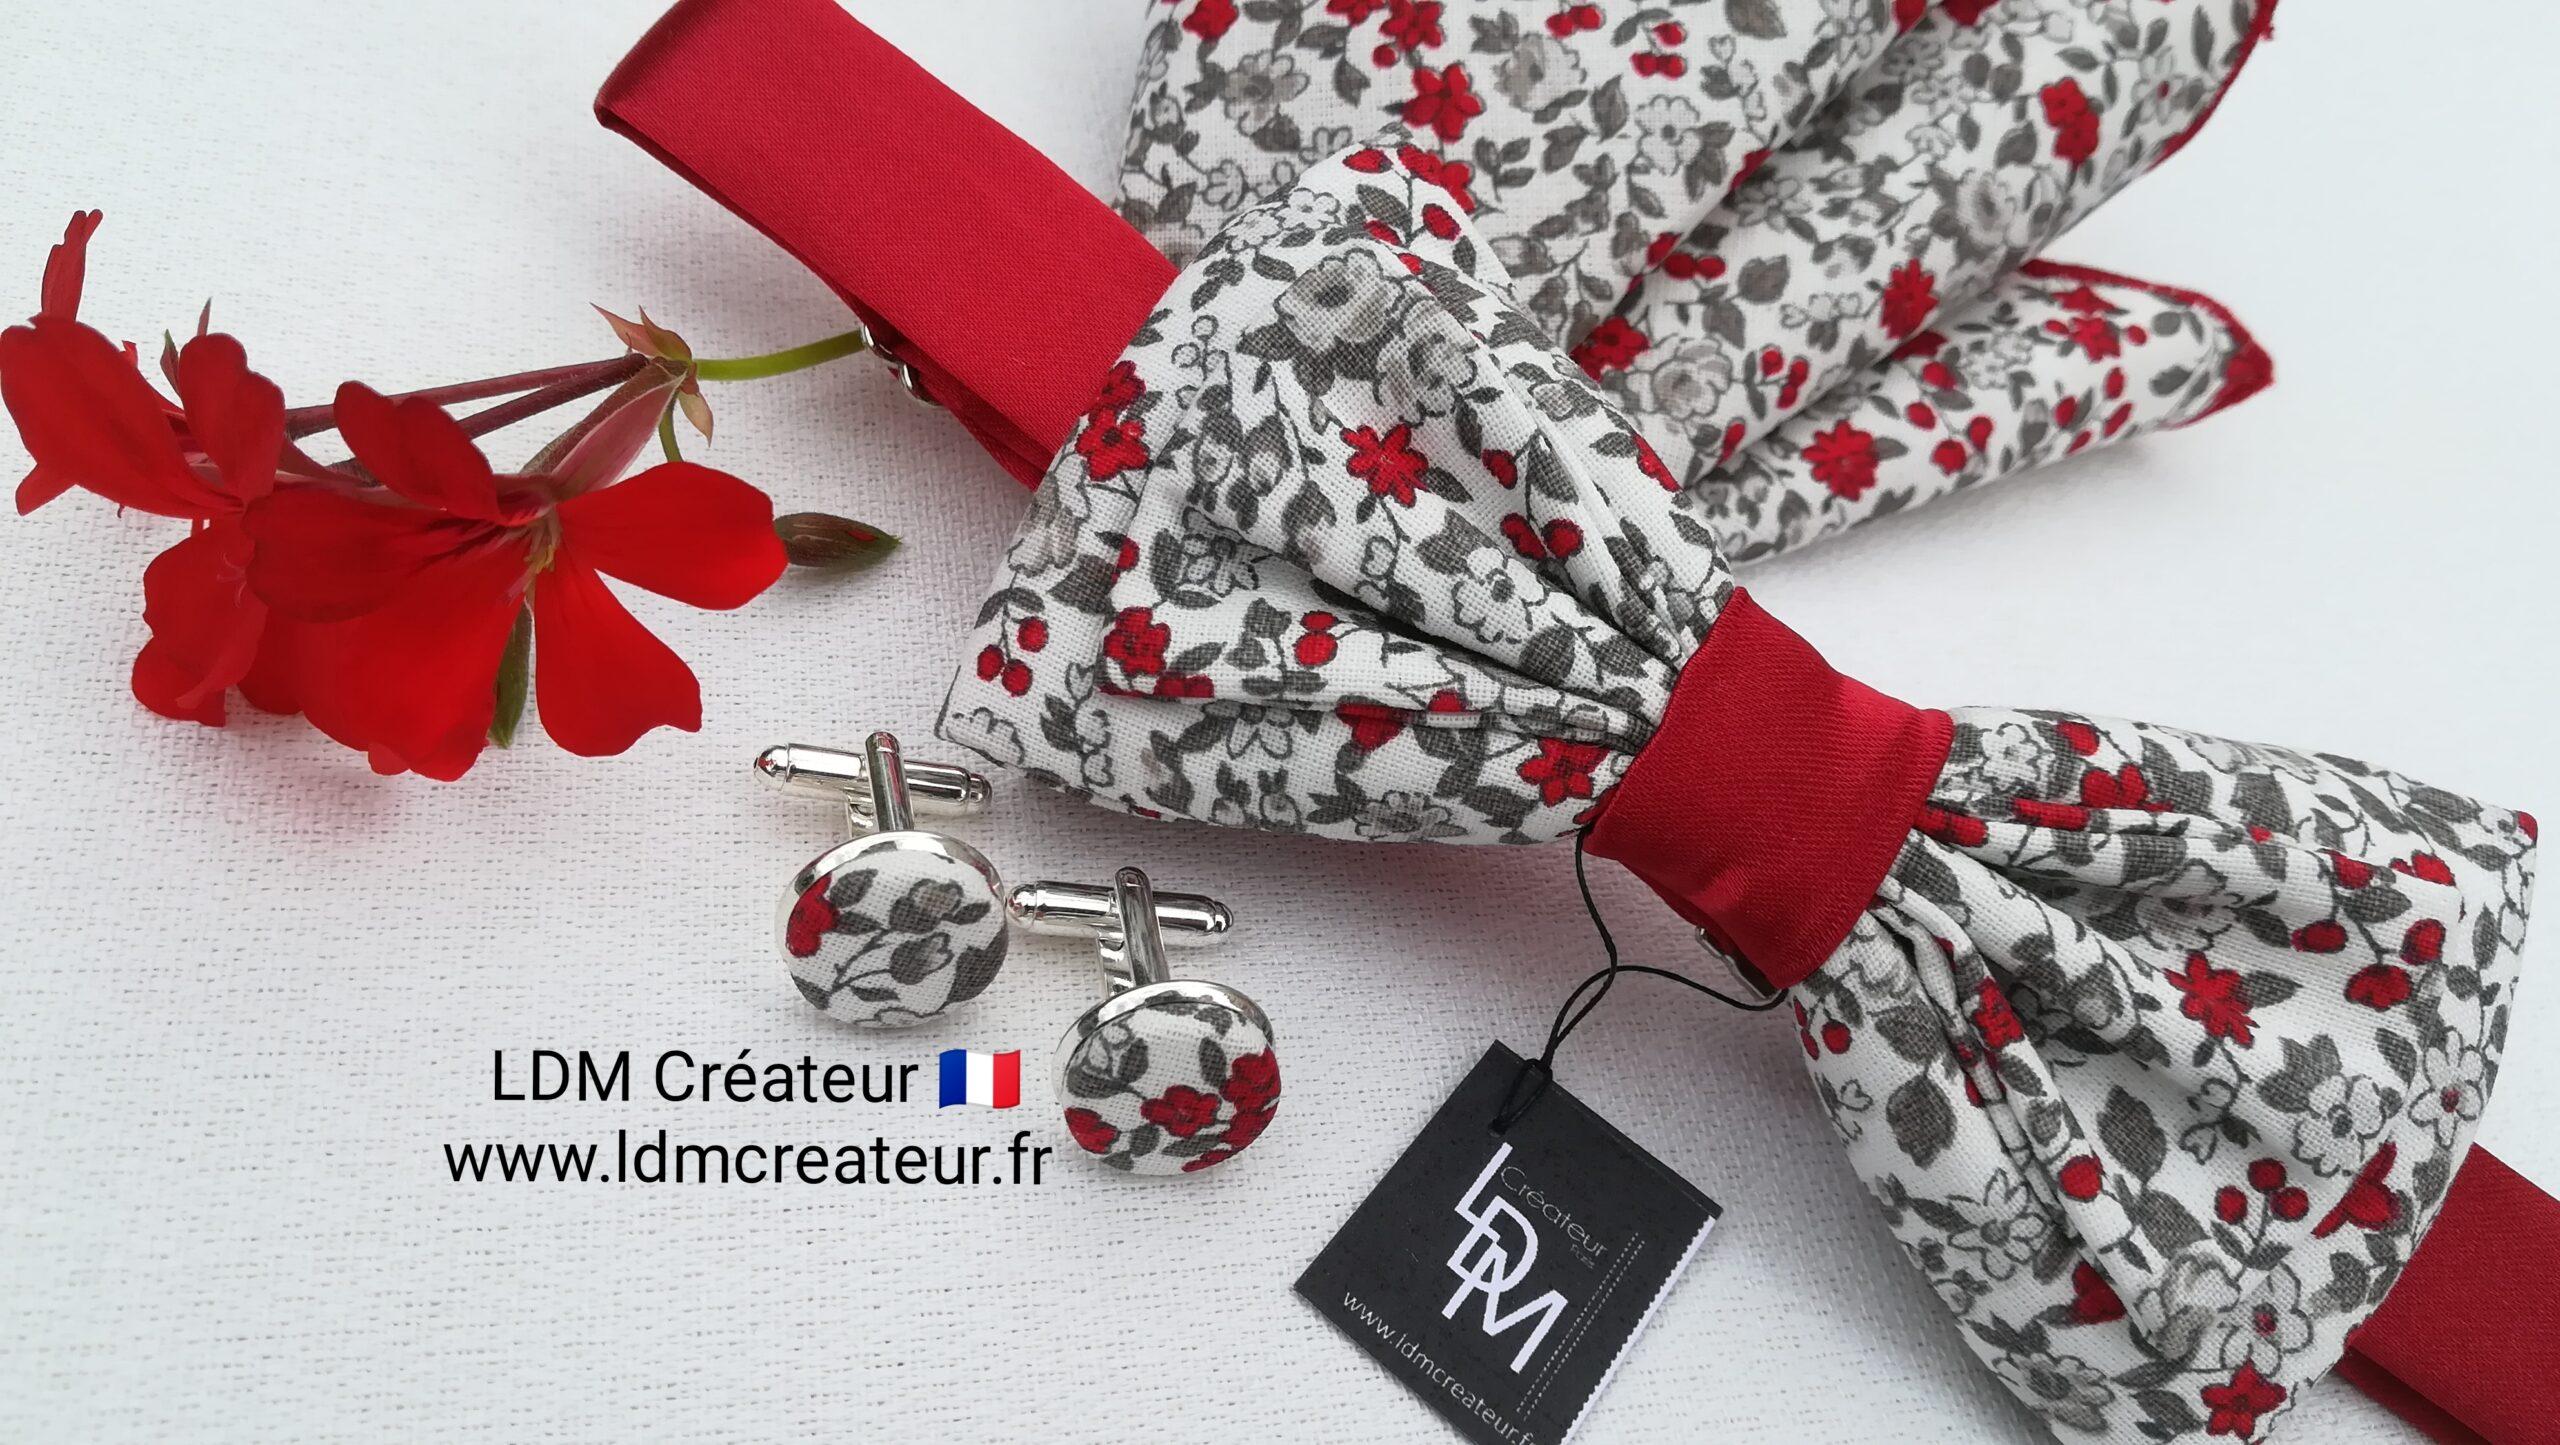 noeud-papillon-mariage-rouge-blanc-fleuri-ceremonie-champetre-Boncourt-ldmcreateur